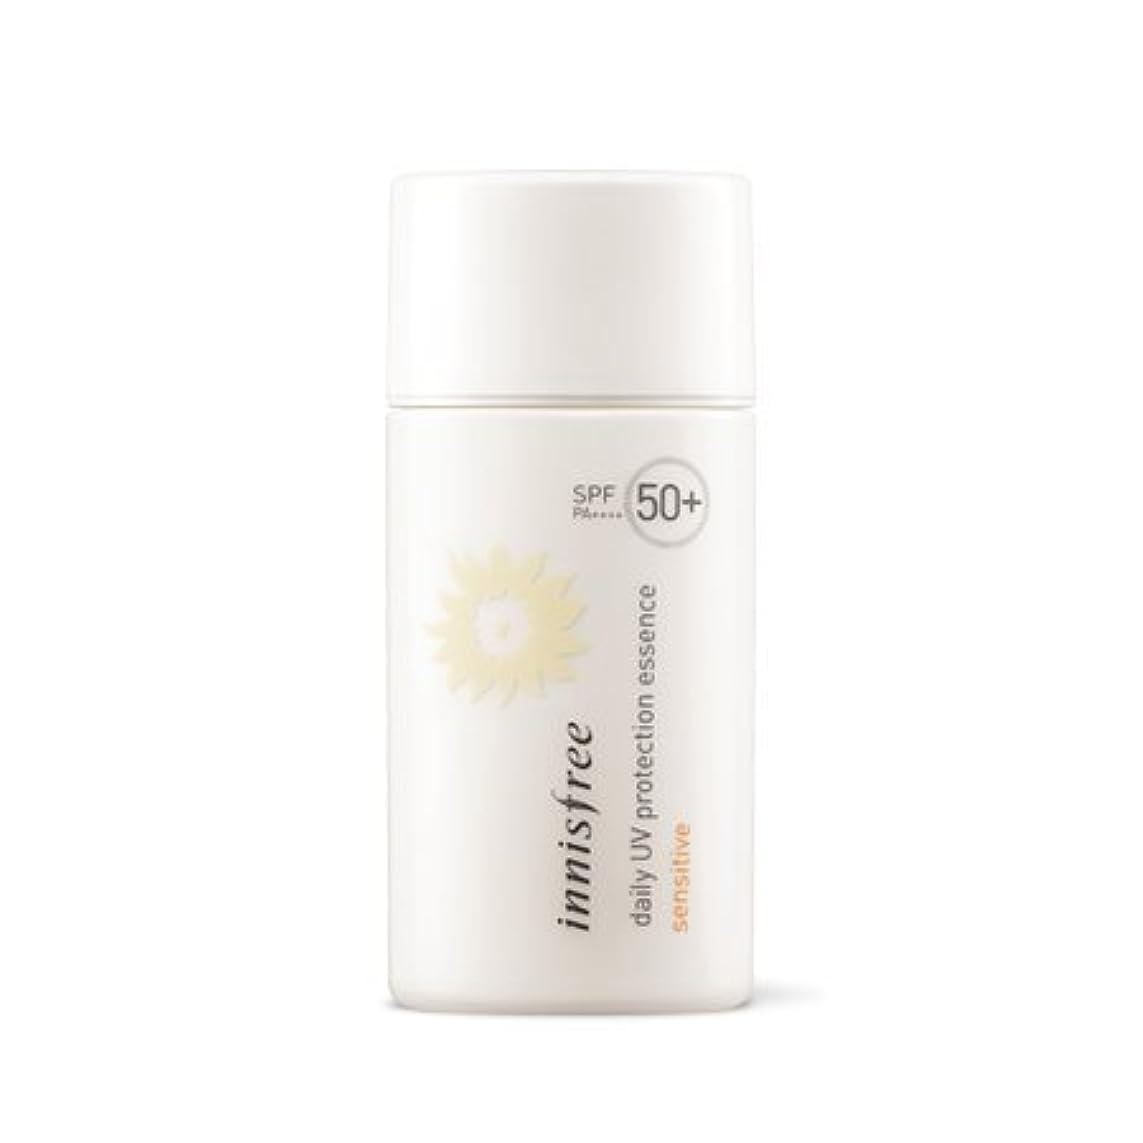 オークインタラクションイノセンス[イニスフリー/Innisfree ] デイリー UV プロテクション エッセンス センシティブ SPF50+ PA++++ daily UV protection essence sensitive 50ml [並行輸入品]